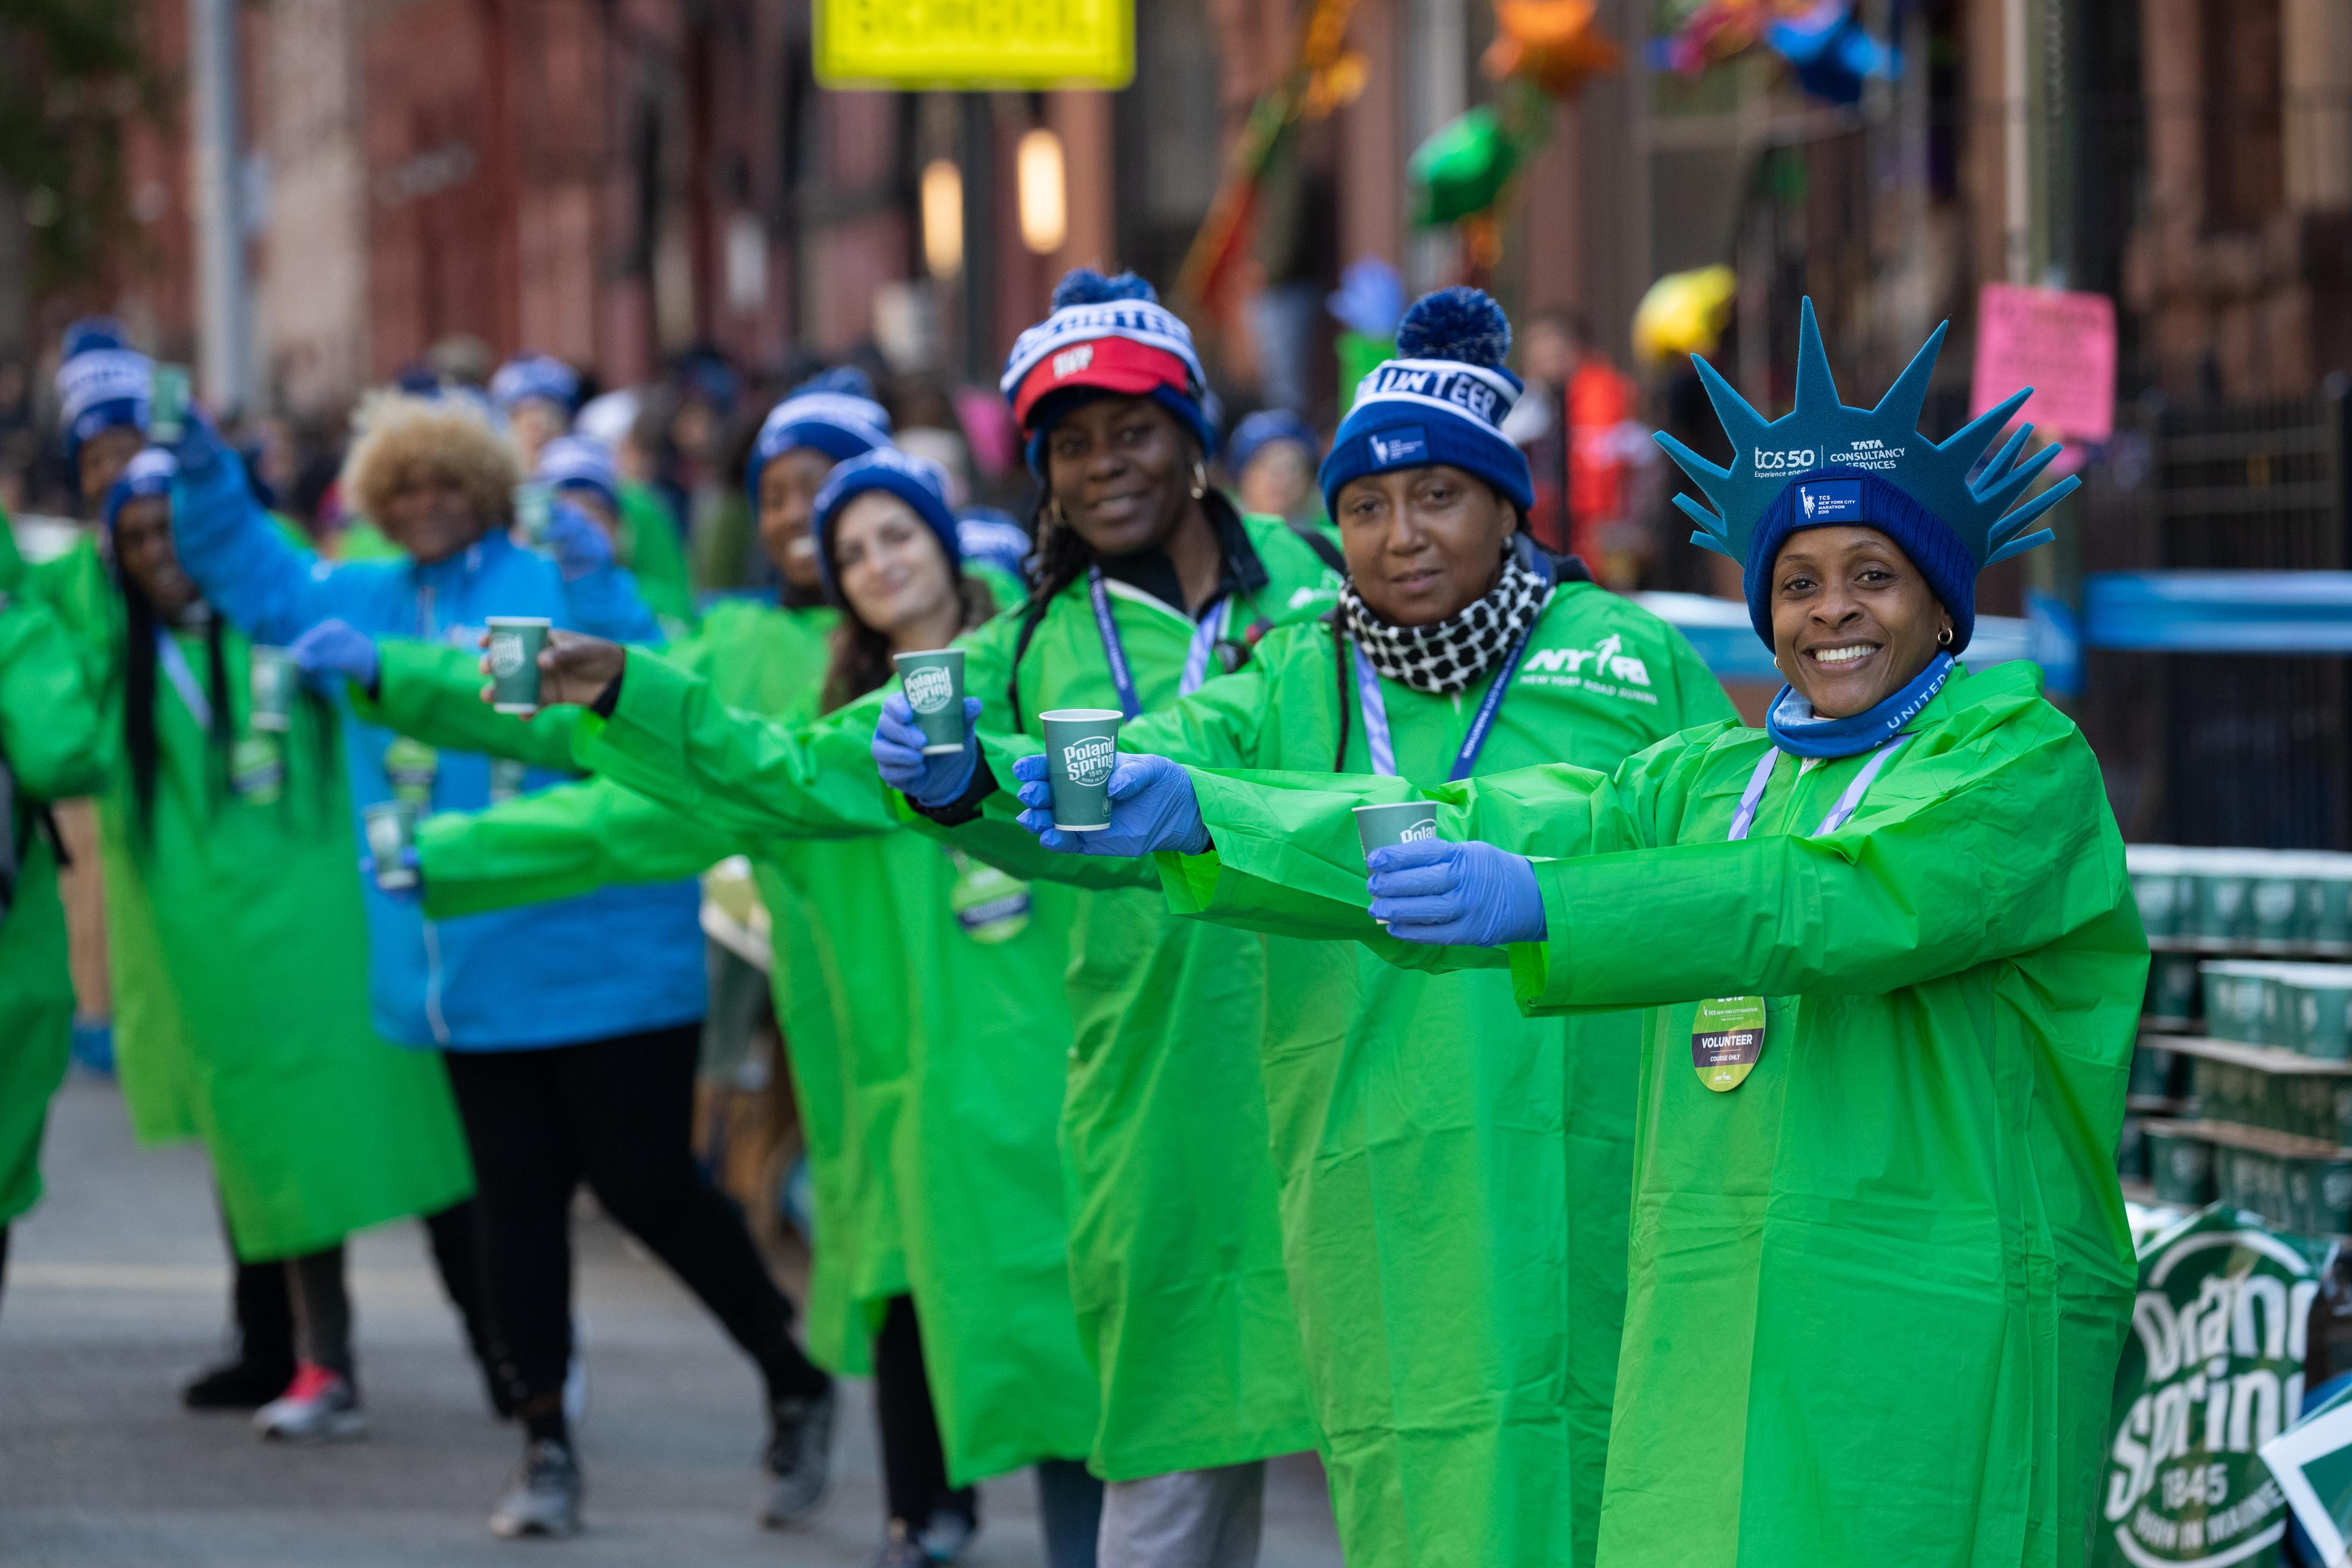 TCS New York City Marathon volunteers